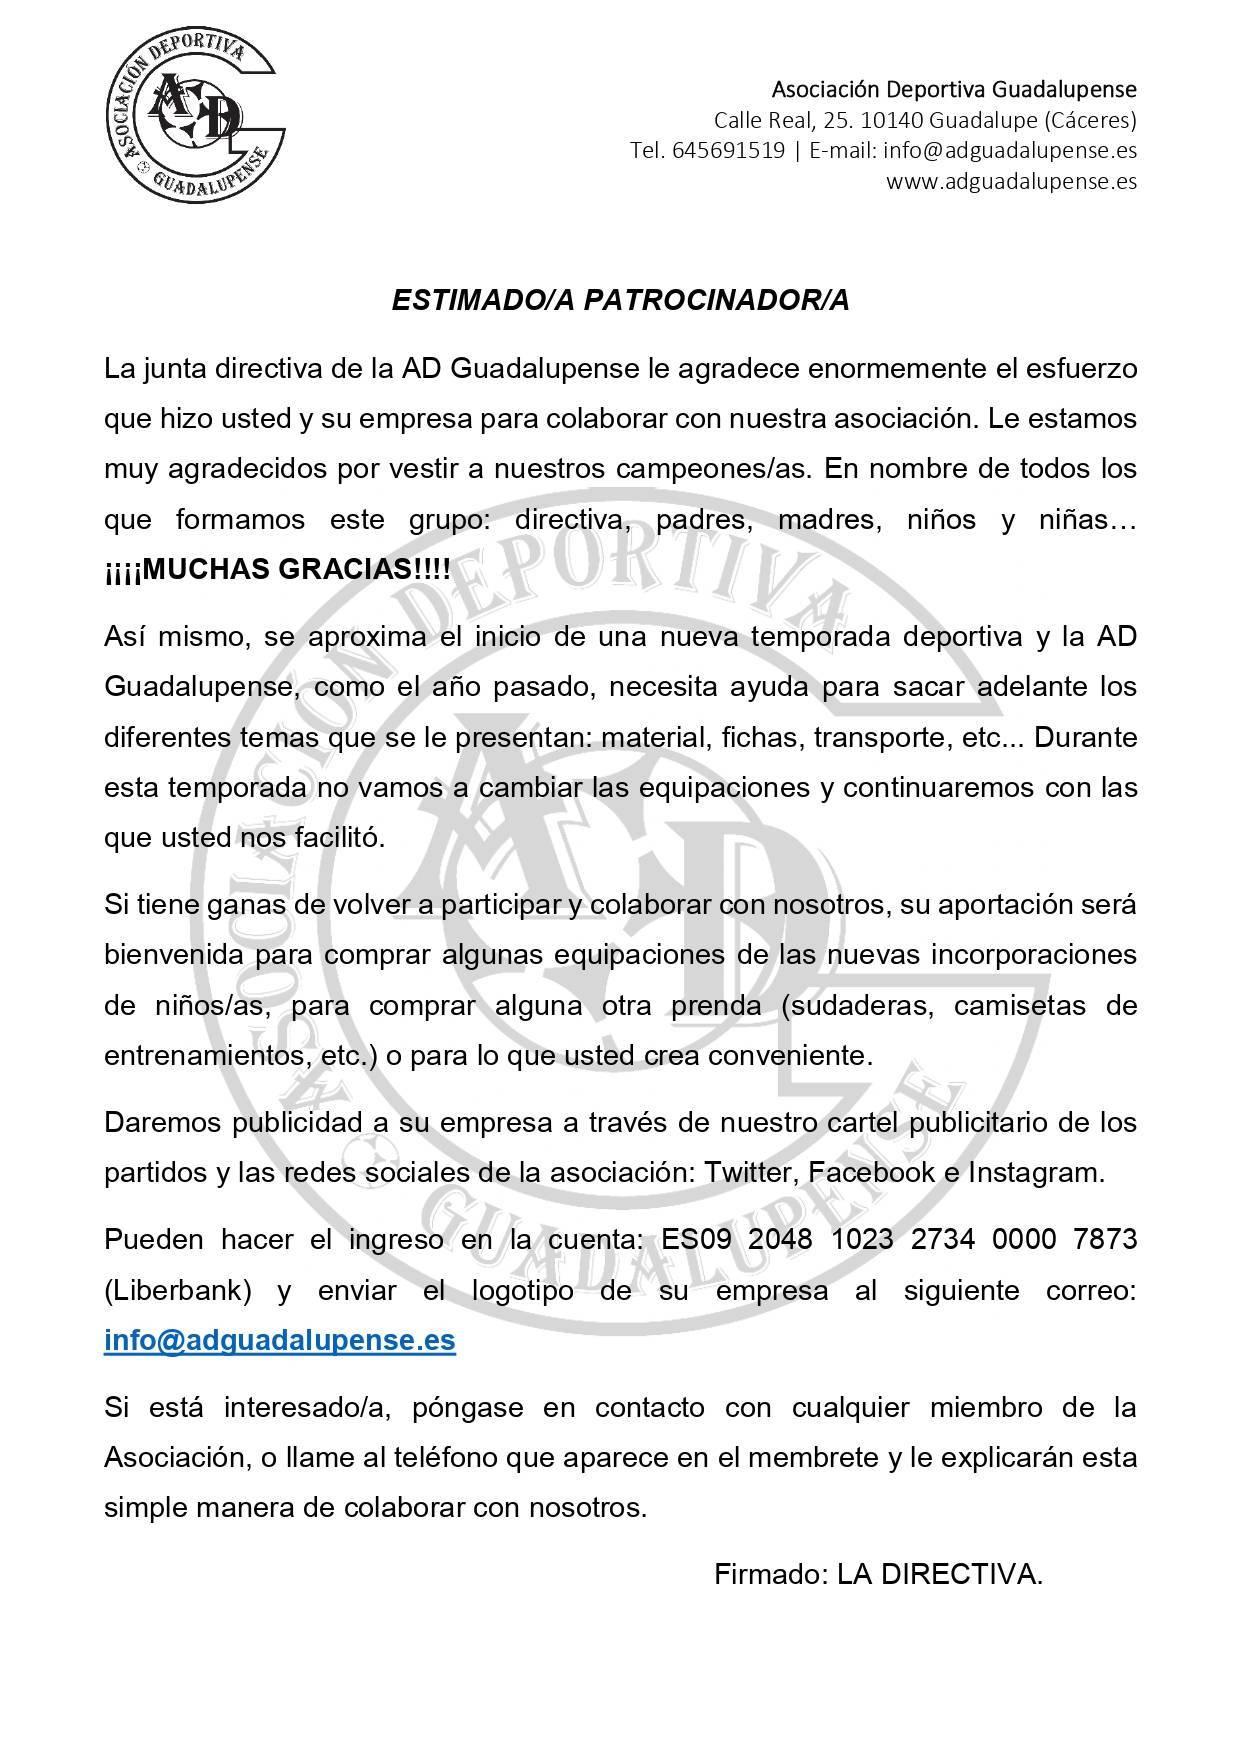 Carta patrocinador 2019-2020